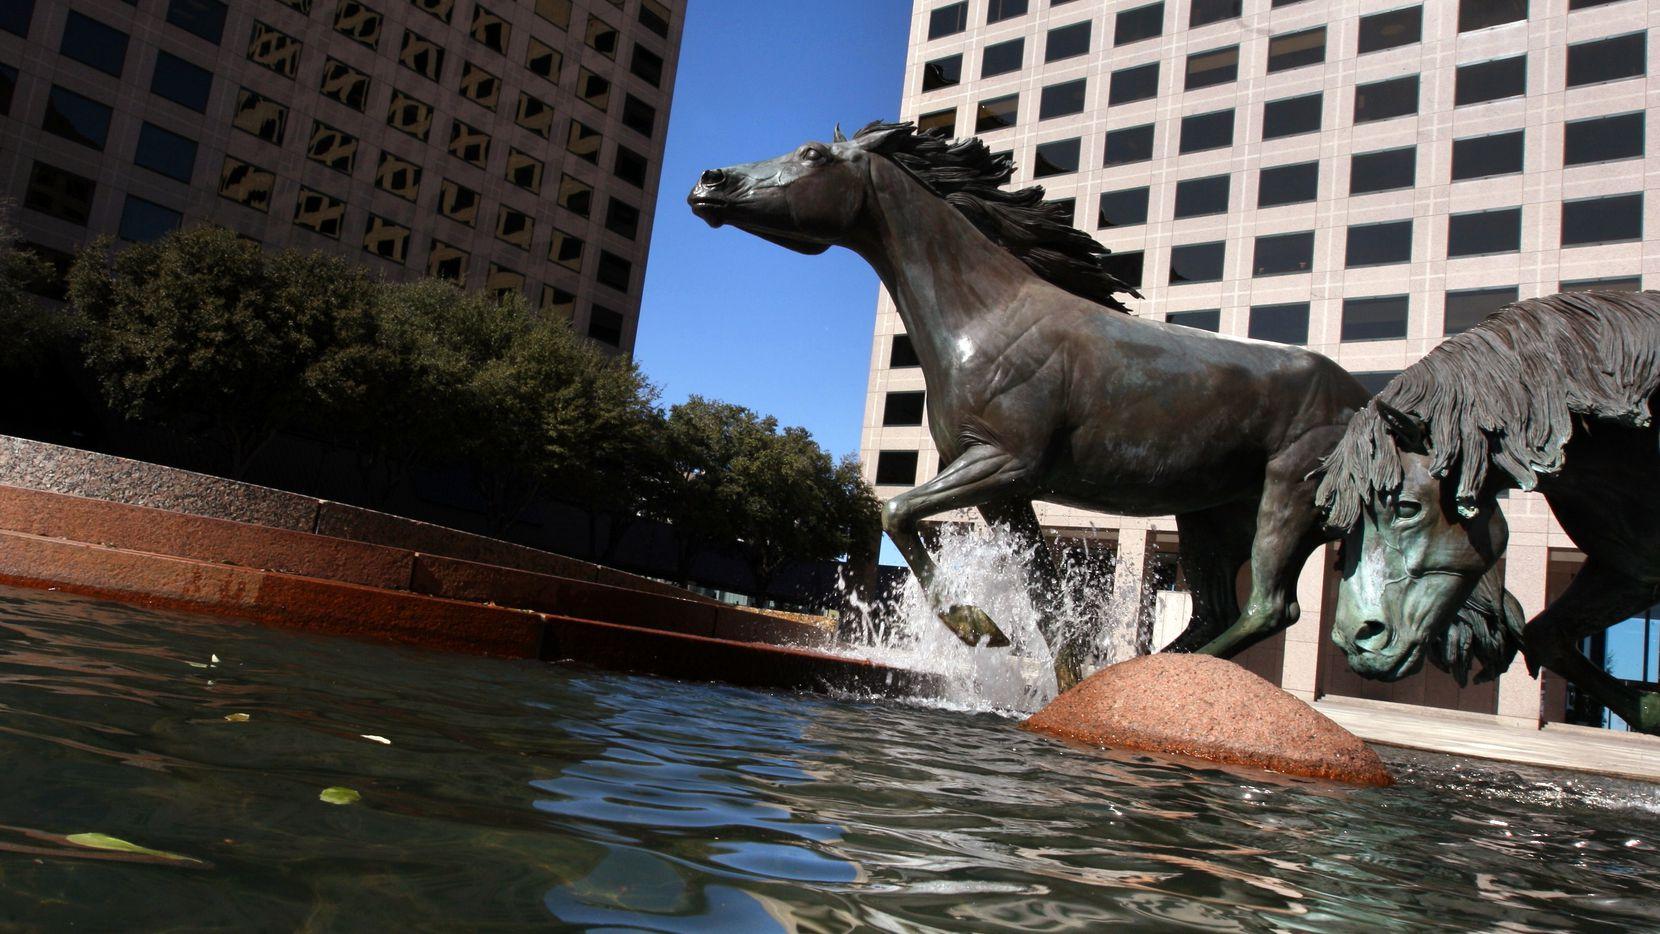 Williams Square en Las Colinas, es sede de una esculturas de caballos Mustangs, que se ha convertido en un símbolo de Irving.